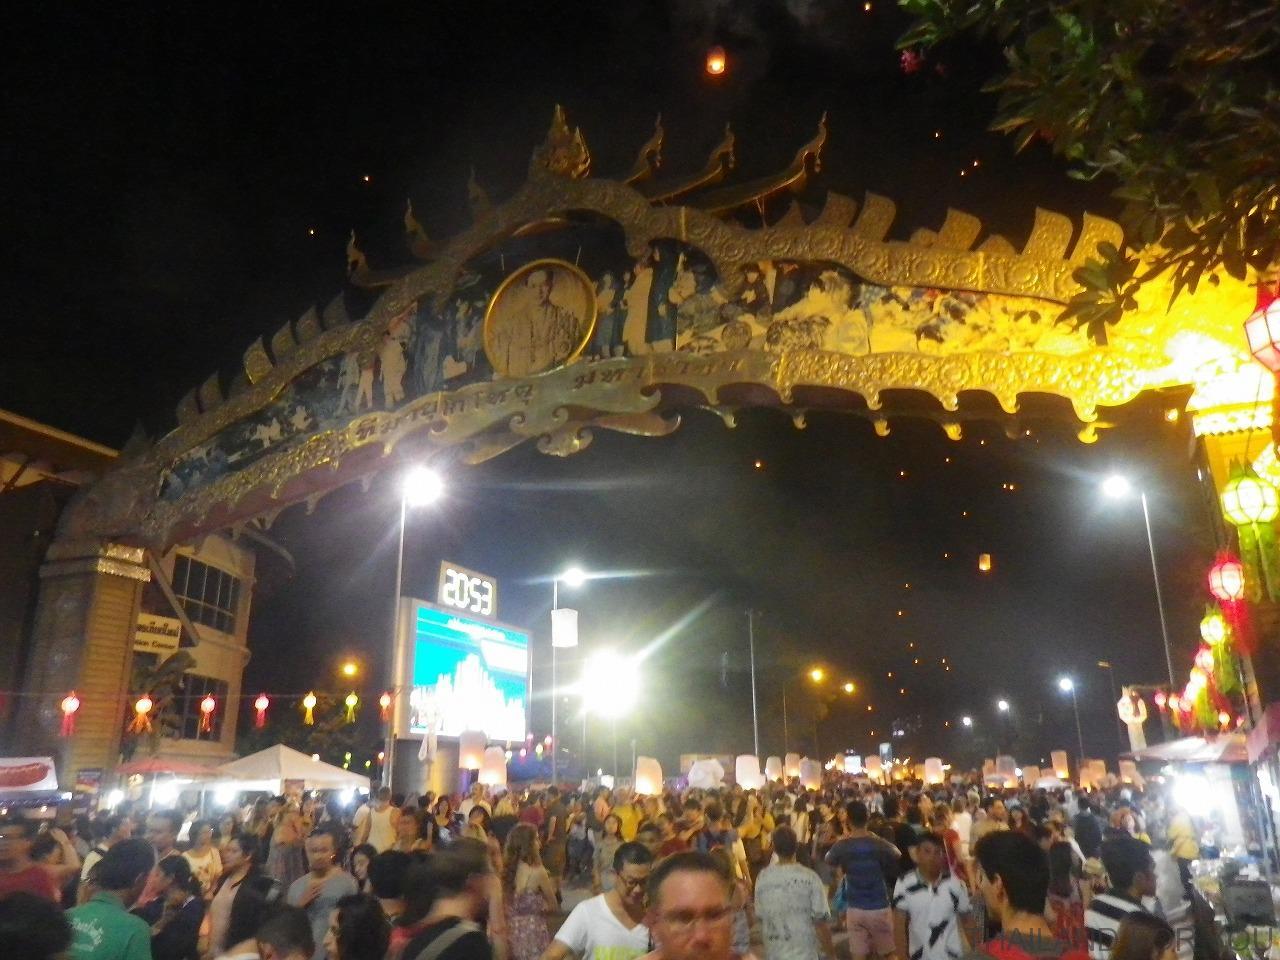 チェンマイ ロイクラトン コムローイ イーペン祭り 写真